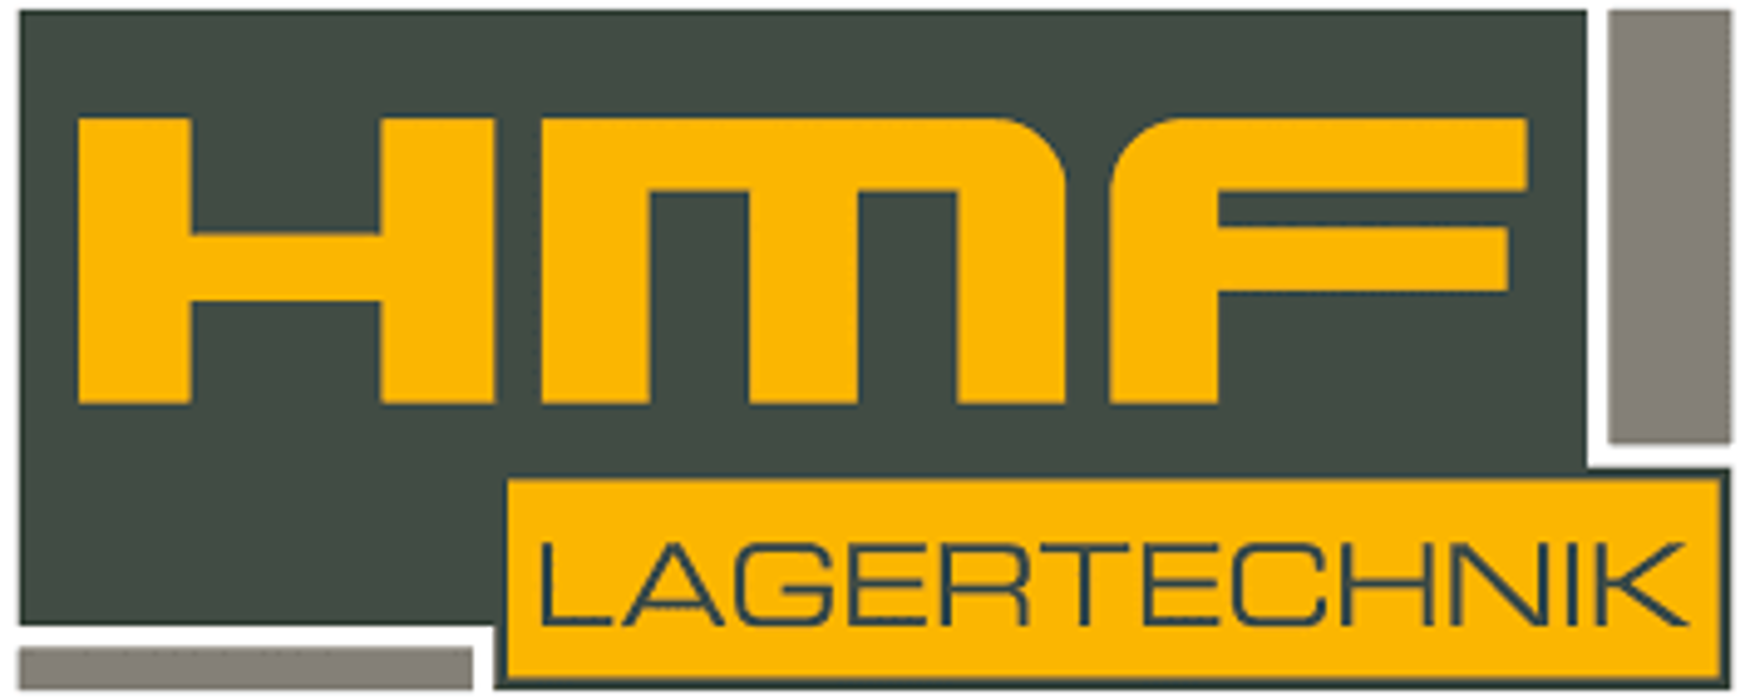 HMF LAGERTECHNIK Horst Maurer GmbH, Riegeler Straße in Freiburg im Breisgau